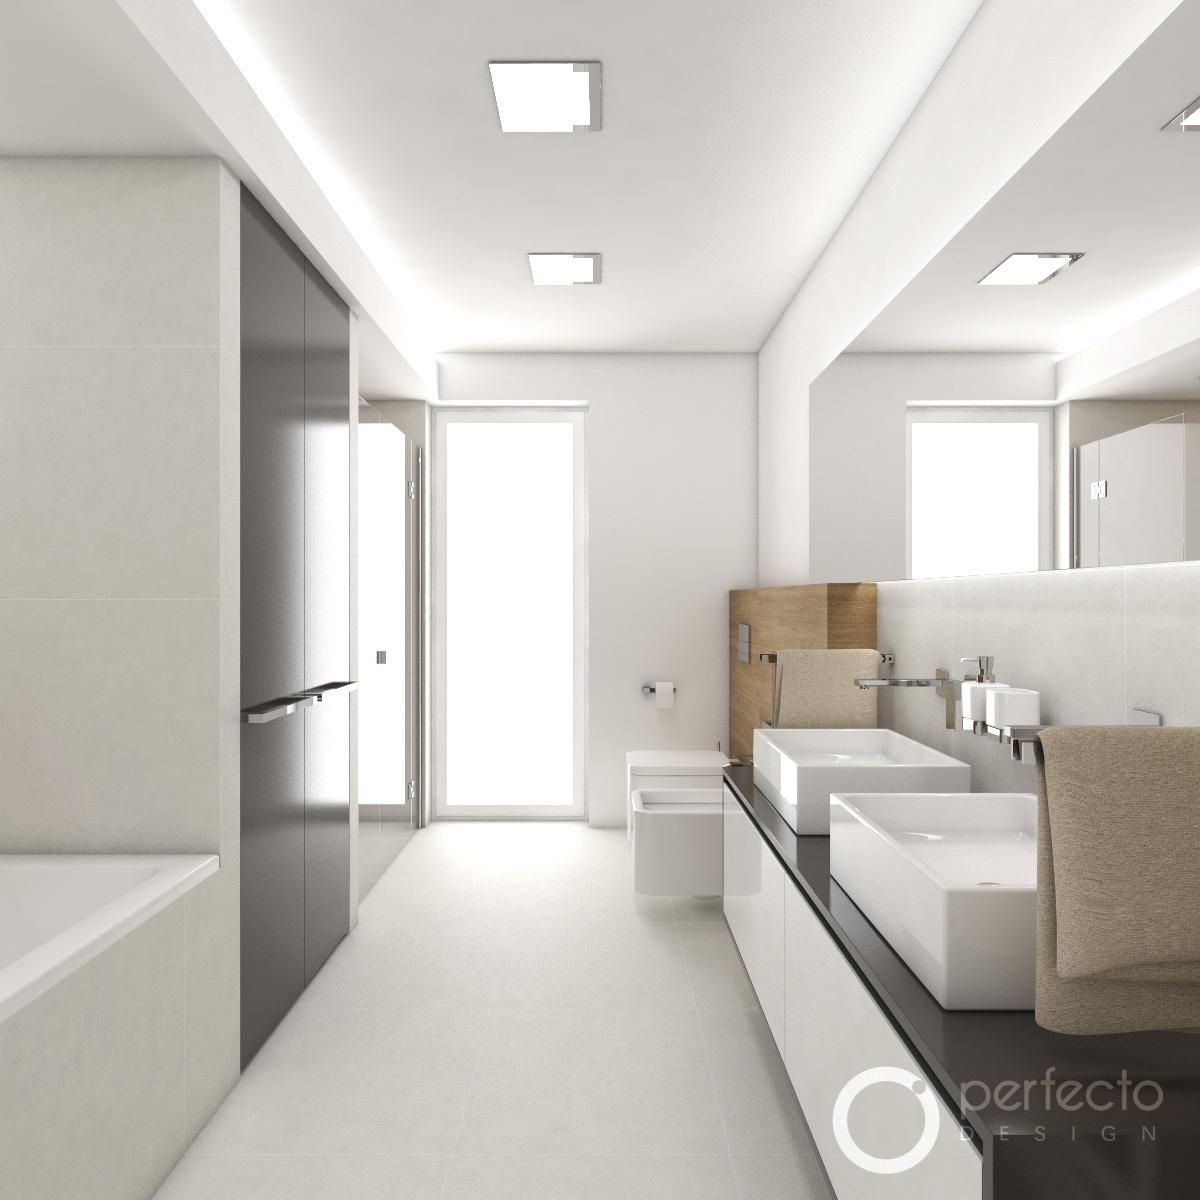 Grose badezimmer fliesen ideen f r die innenarchitektur for 1 zu 20 innenarchitektur